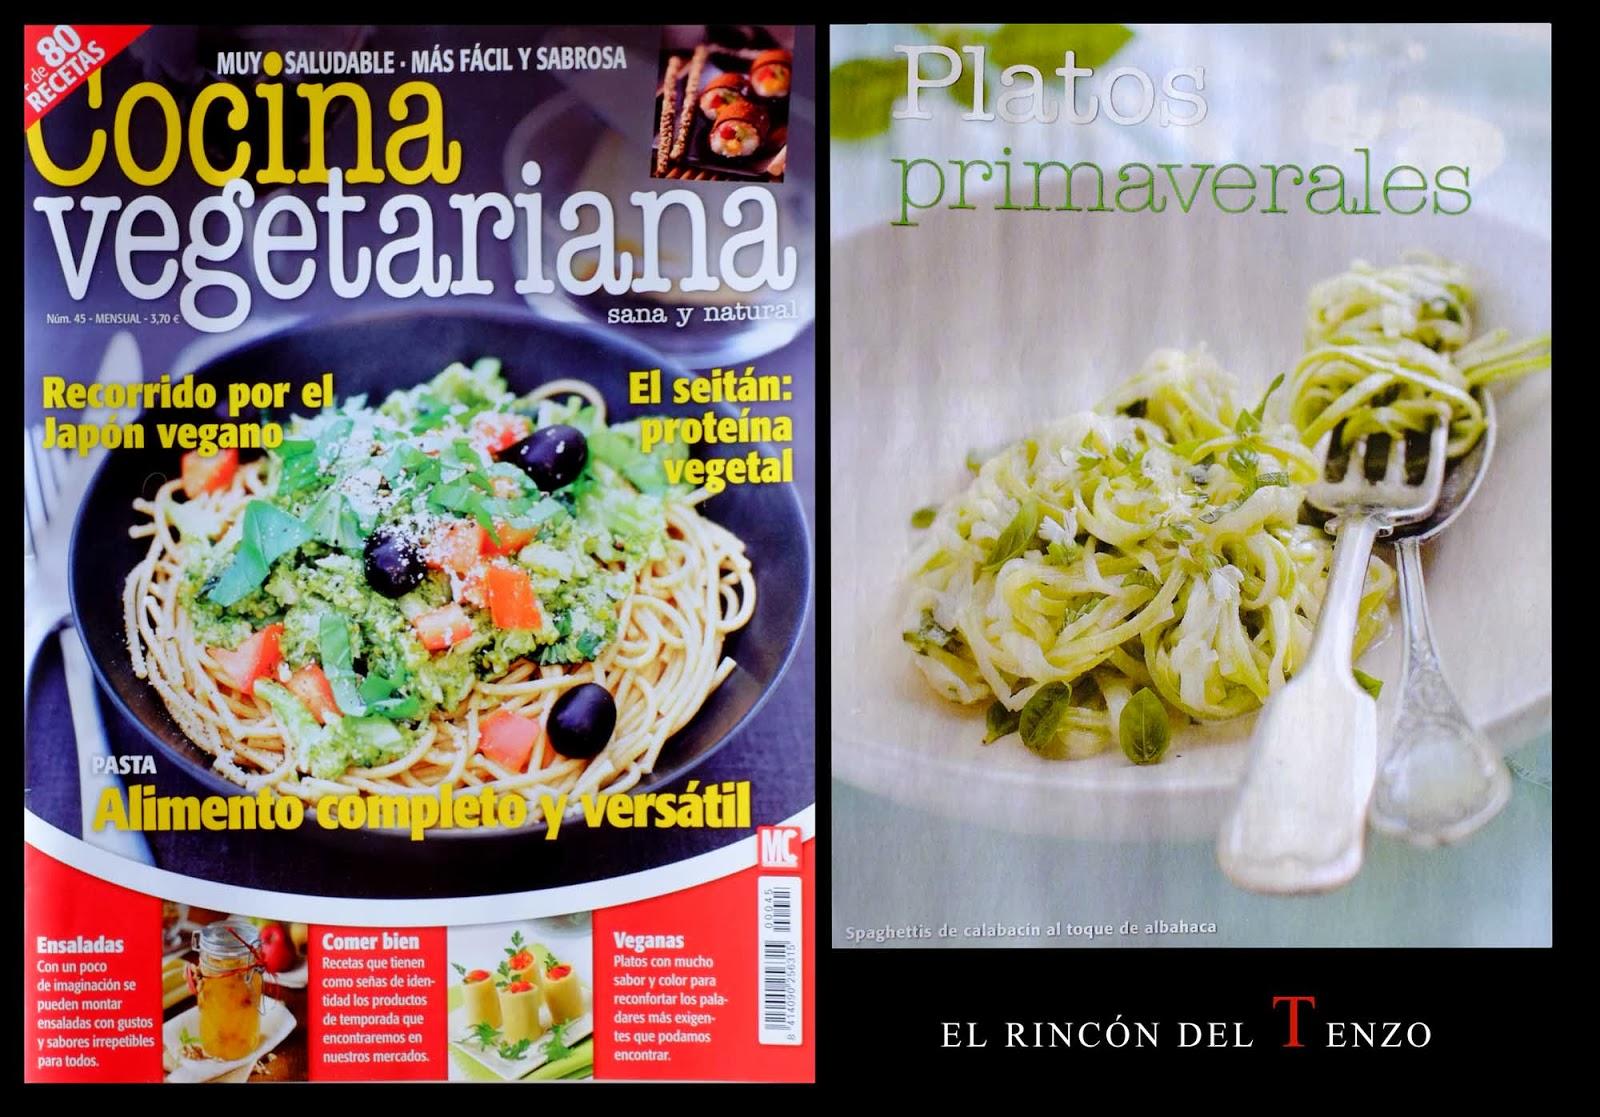 Cocina Vegetariana Revista | El Rincon Del Tenzo Nuevas Recetas Saludables En La Revista